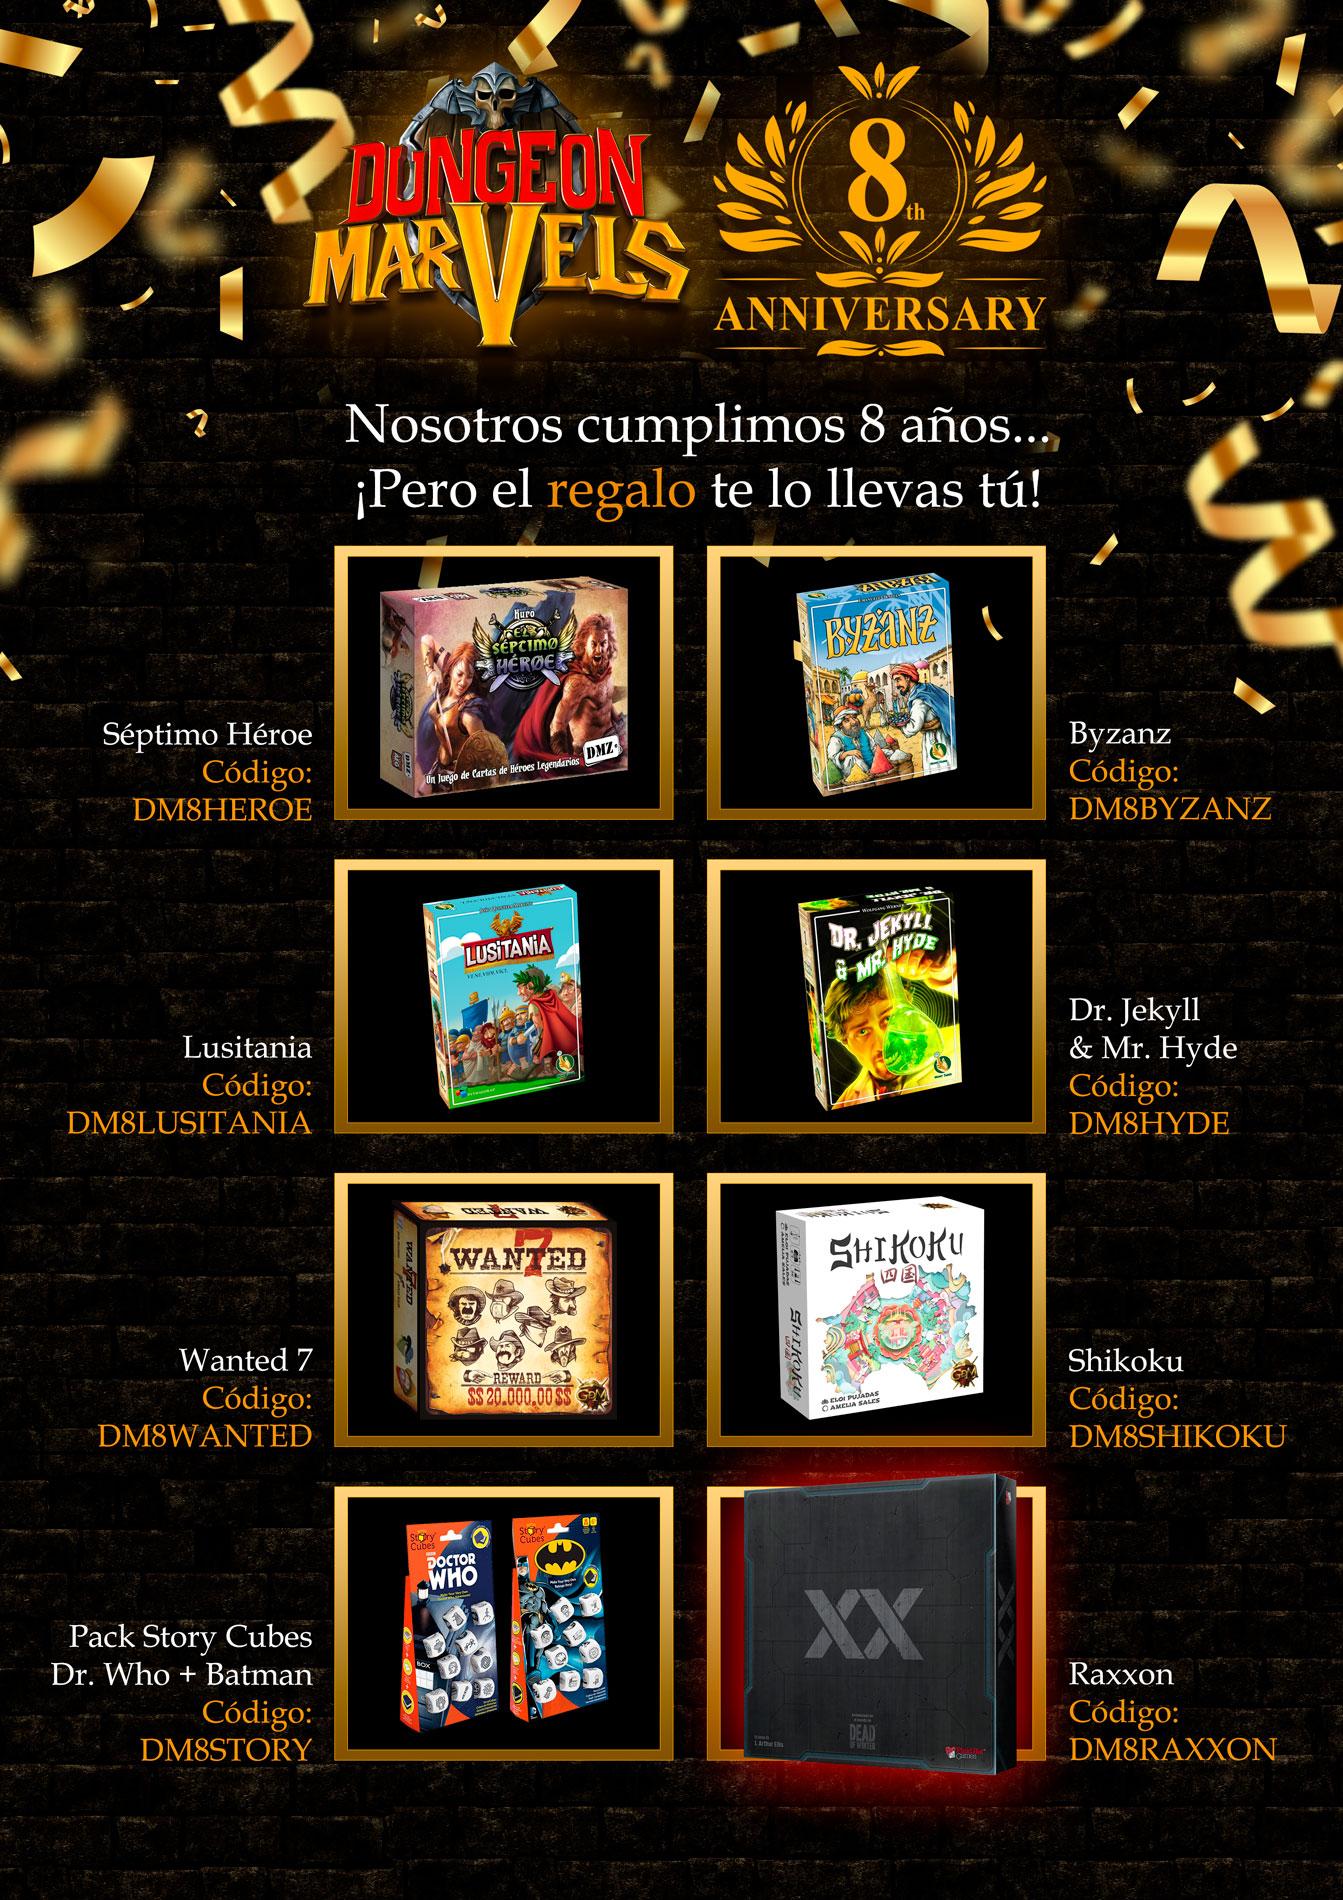 Juego de regalo por 8 aniversario de Dungeon Marvels gastando 10€